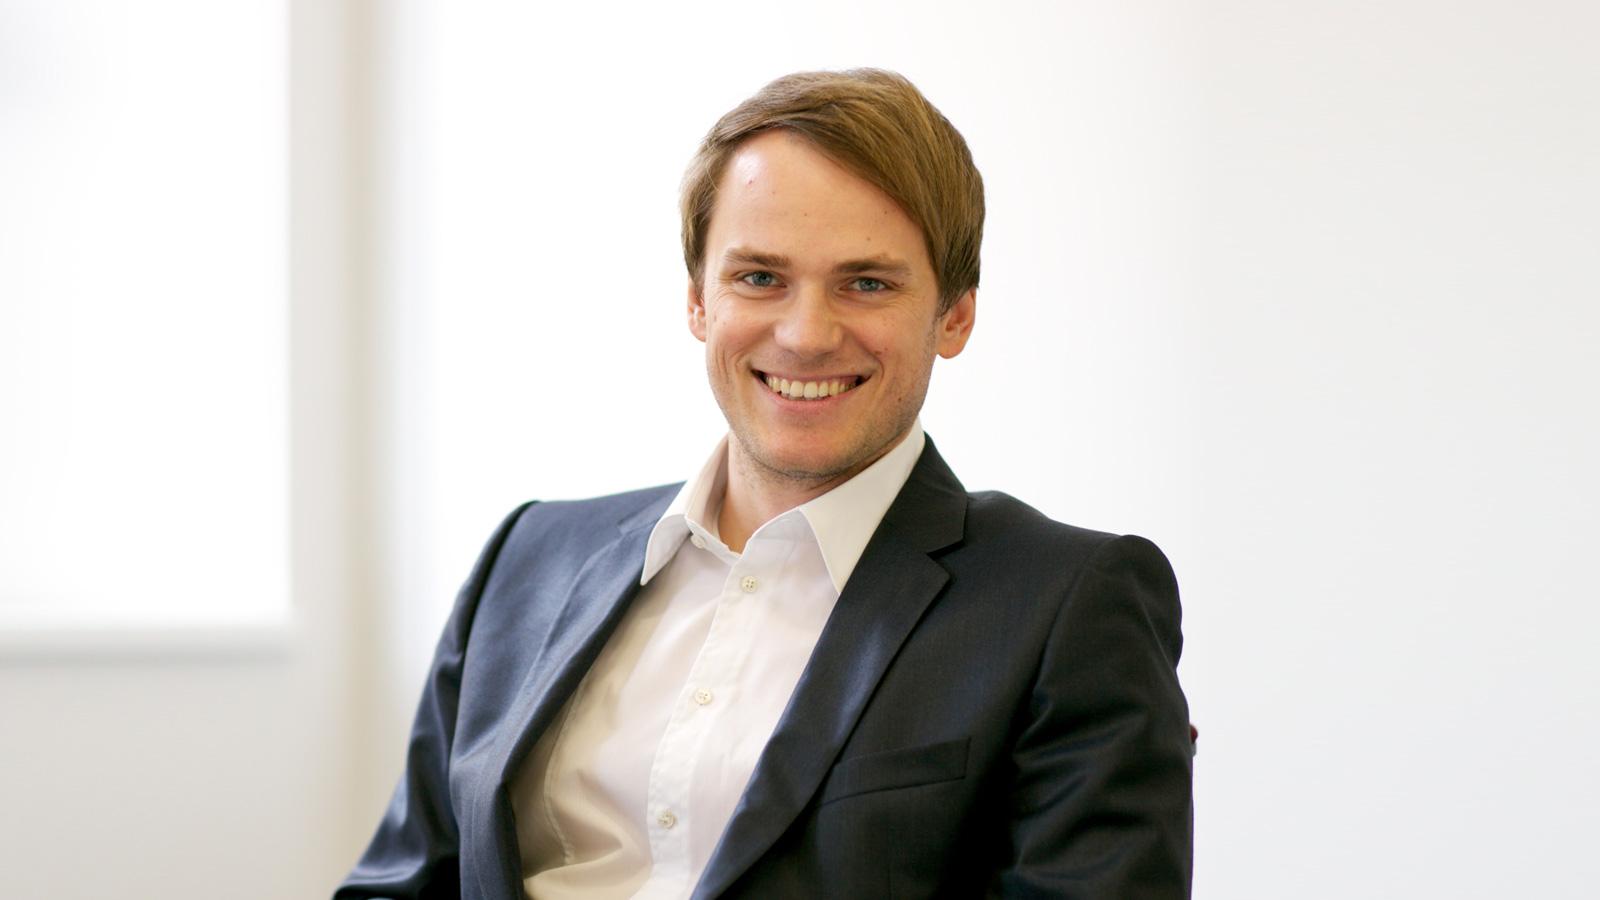 Henkel Polska z nowym Dyrektorem Marketingu awans mediarun Patricjus Ziecik dyrektor marketingu Laundy Home Care 2020